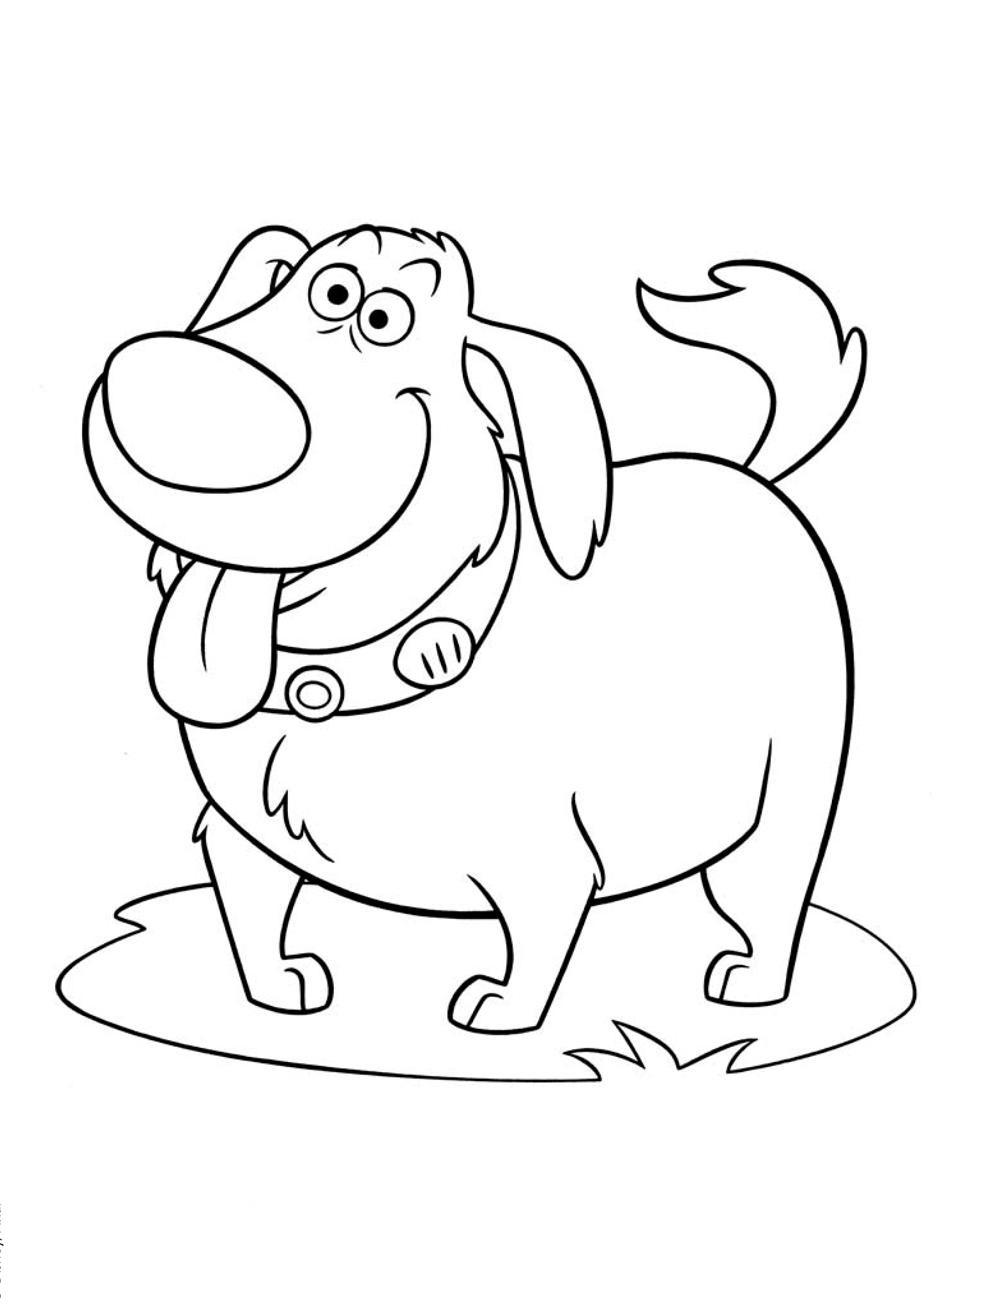 Моя собака - razukrashki.com